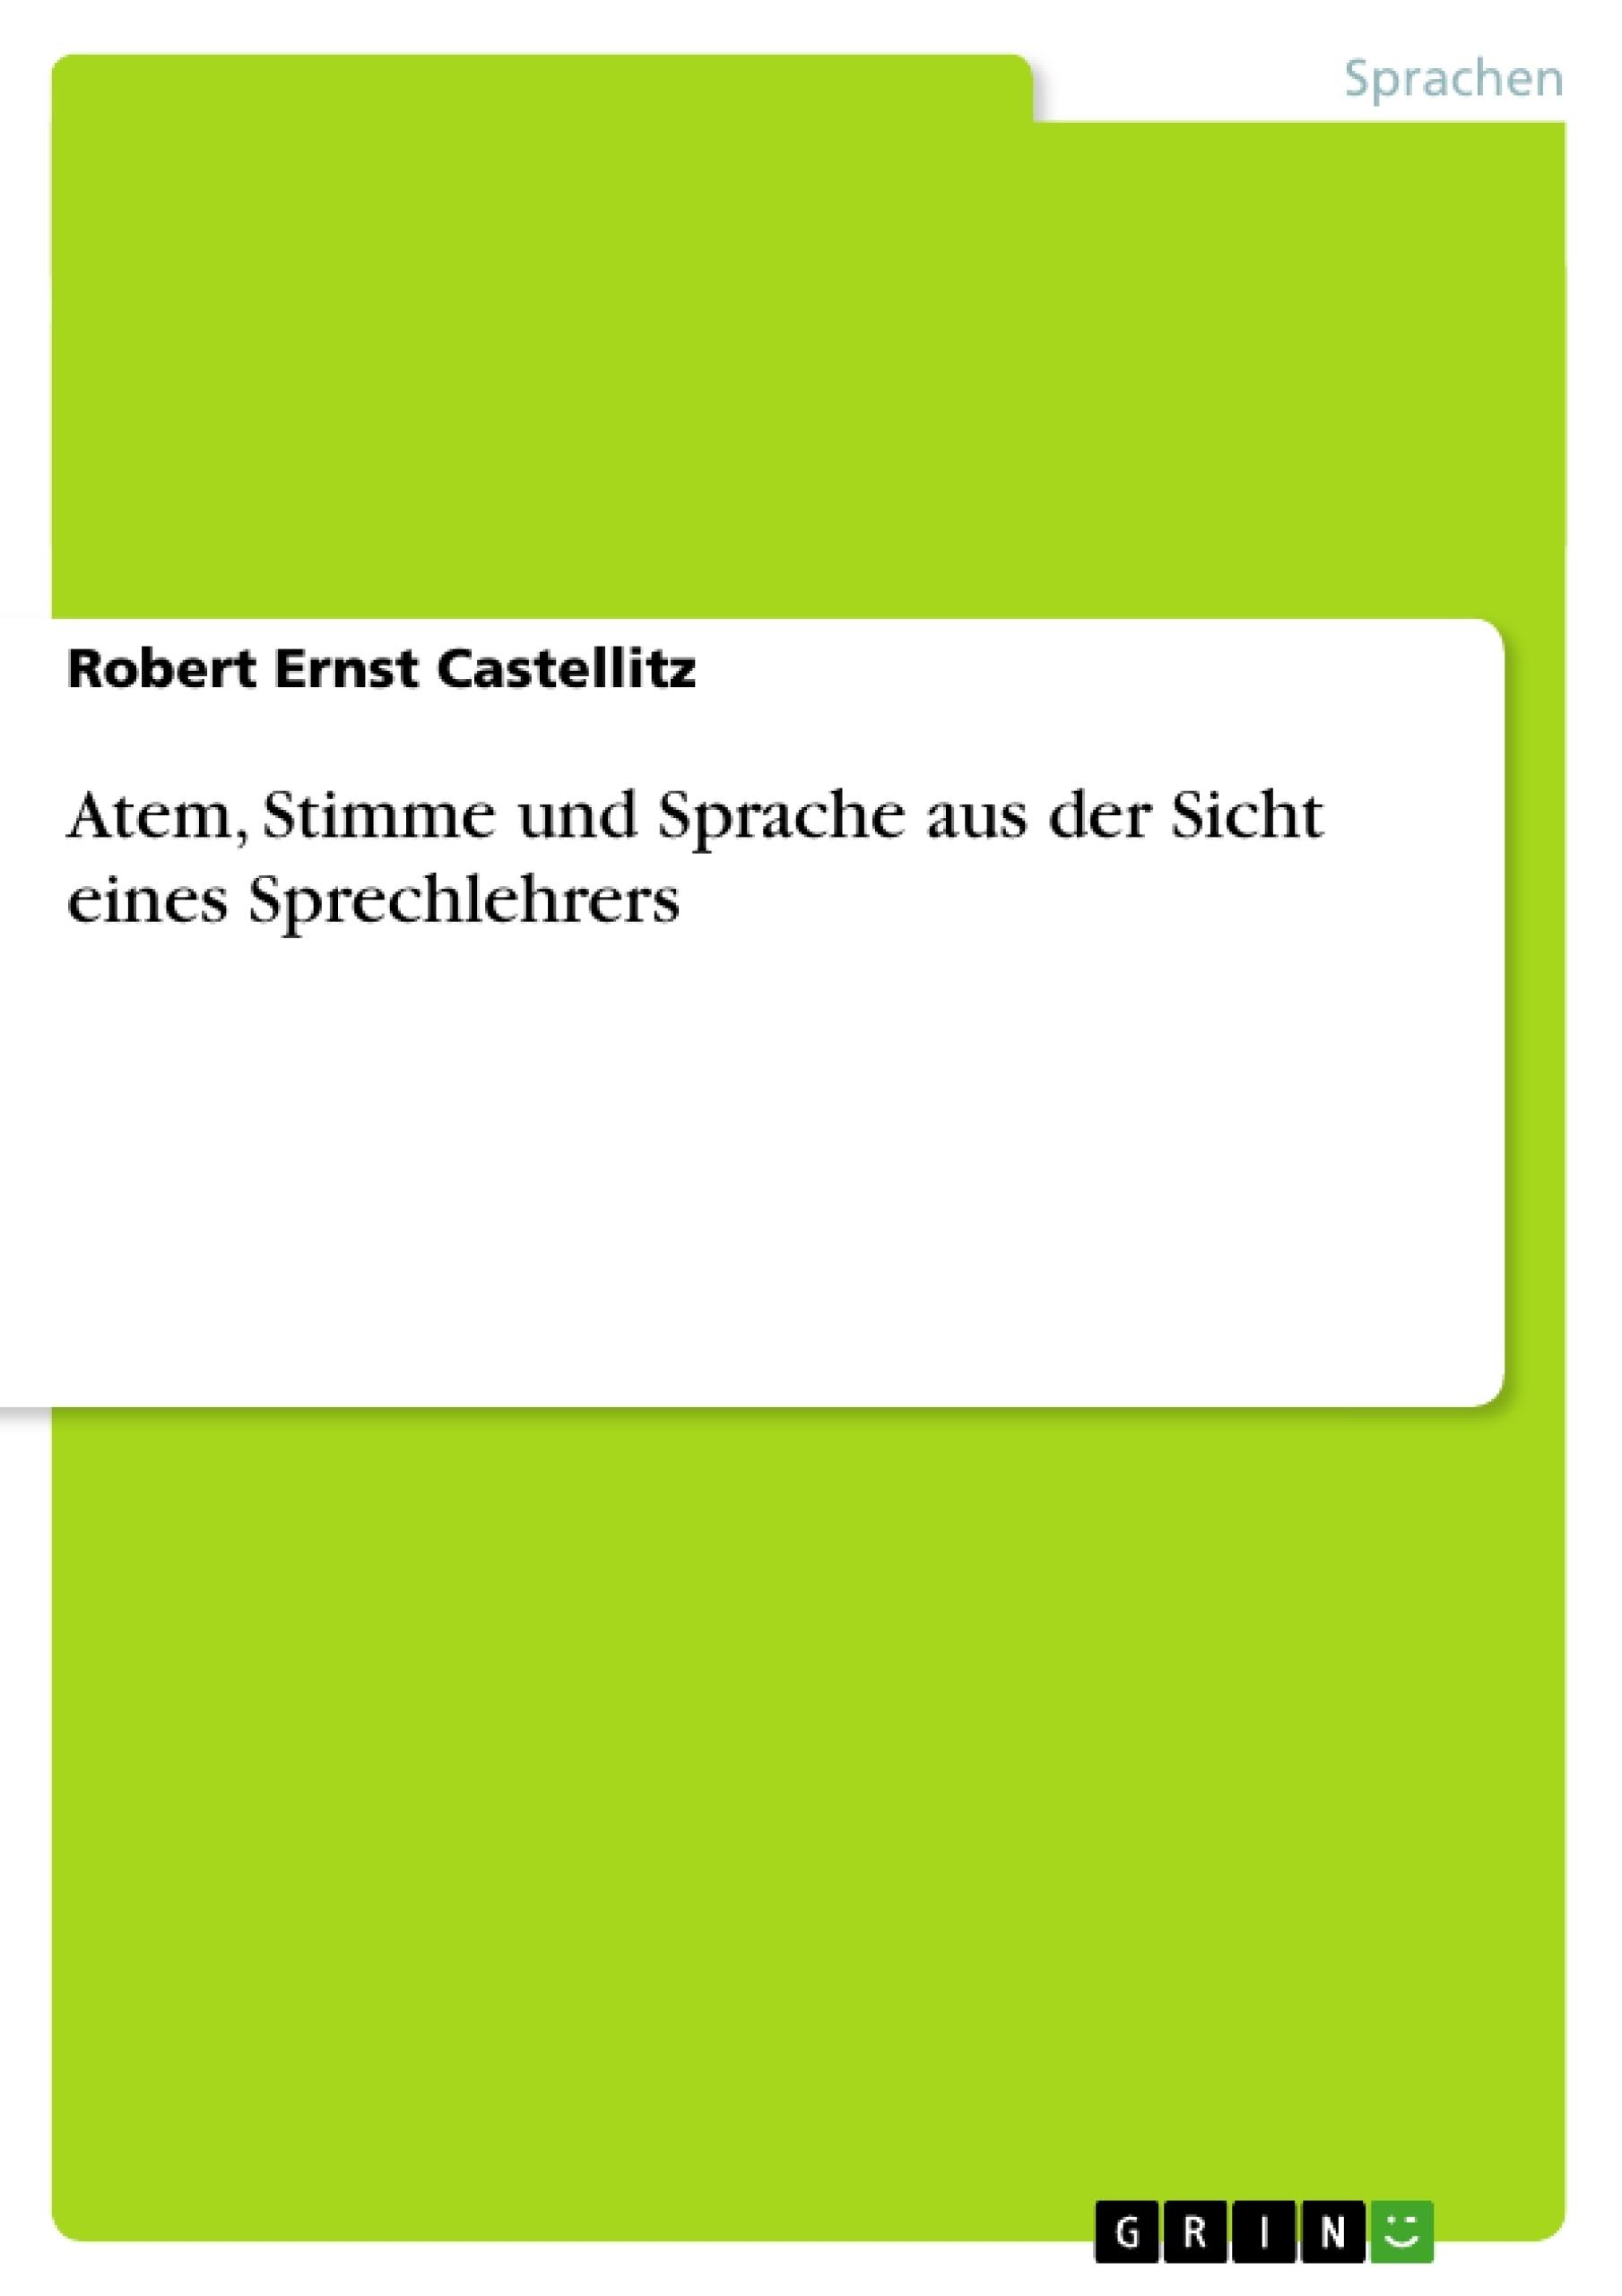 Titel: Atem, Stimme und Sprache aus der Sicht eines Sprechlehrers